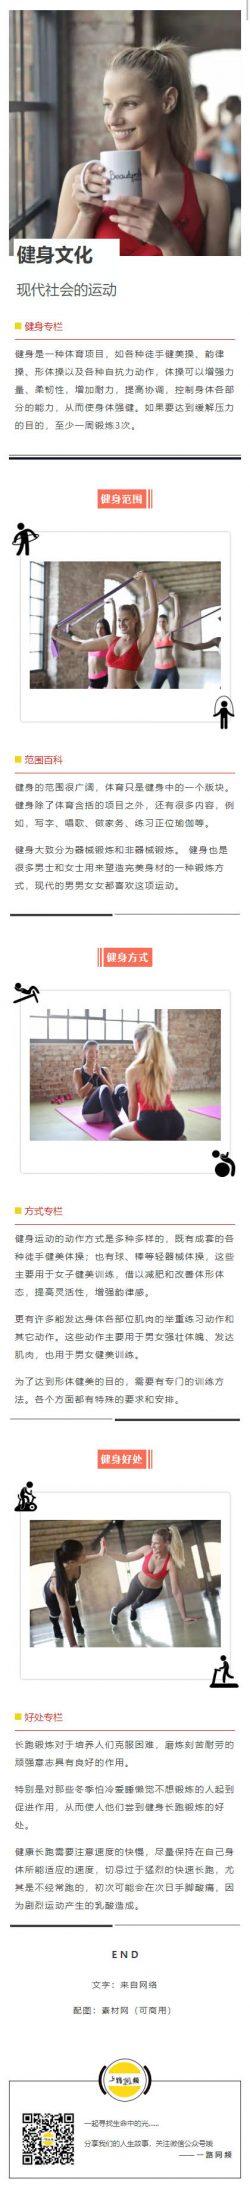 健身文化健美操、韵律操、形体操运动模板体育推文素材